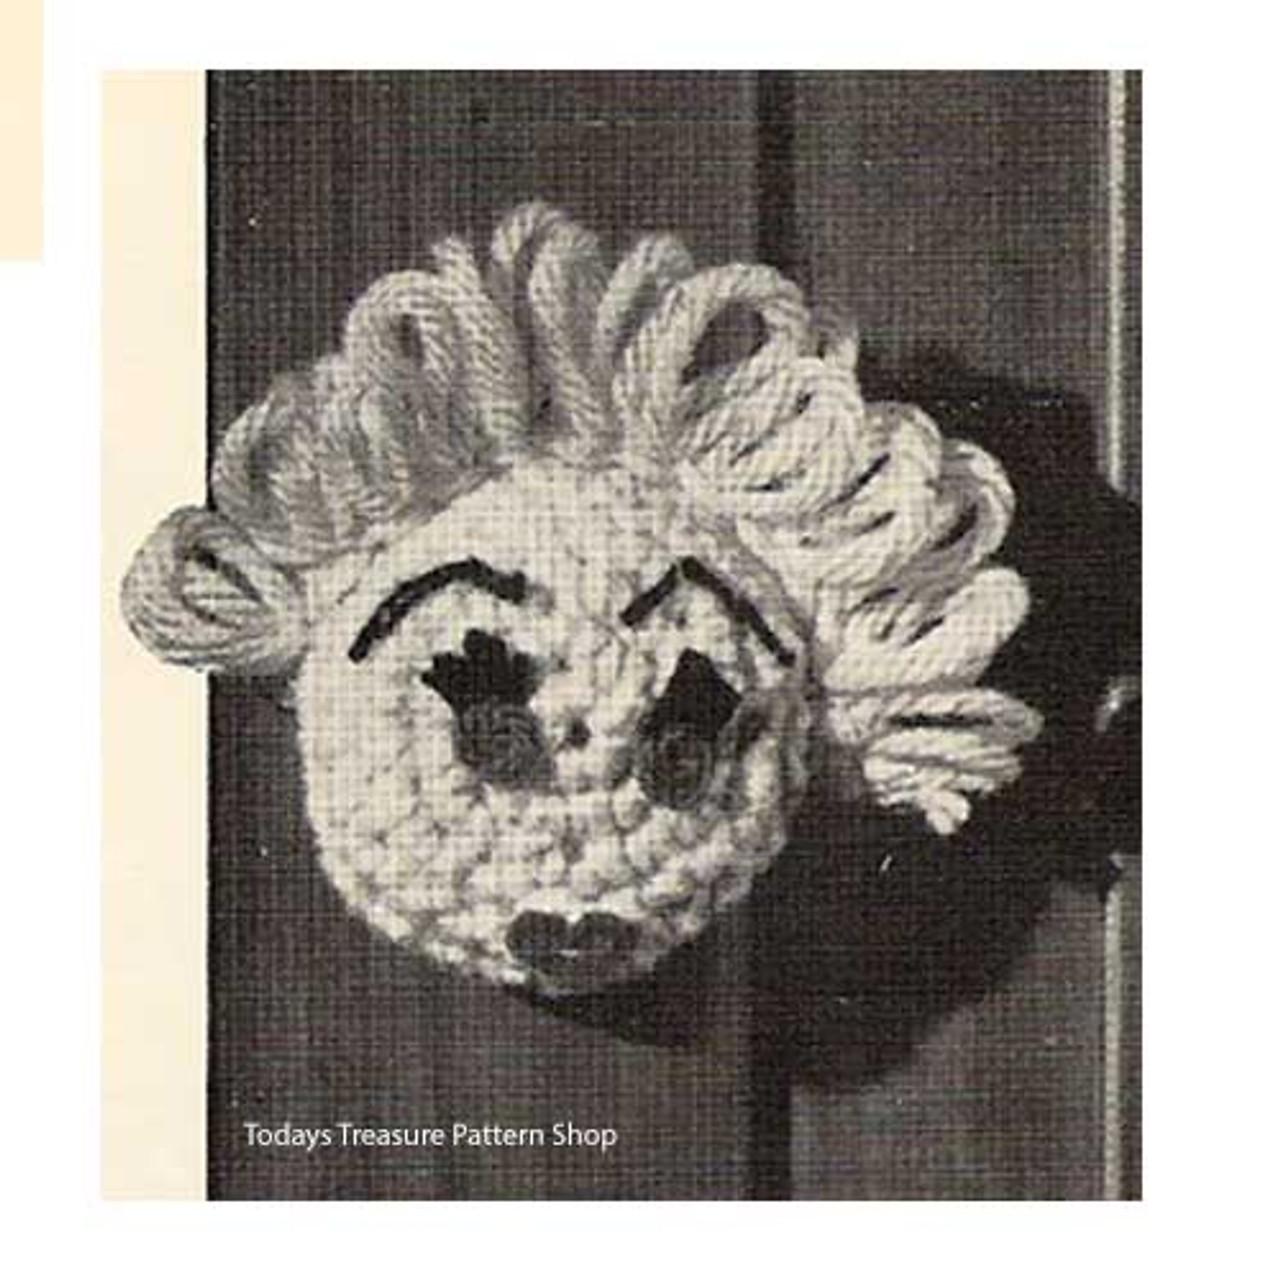 Girl Crochet Doorknob Cover Pattern